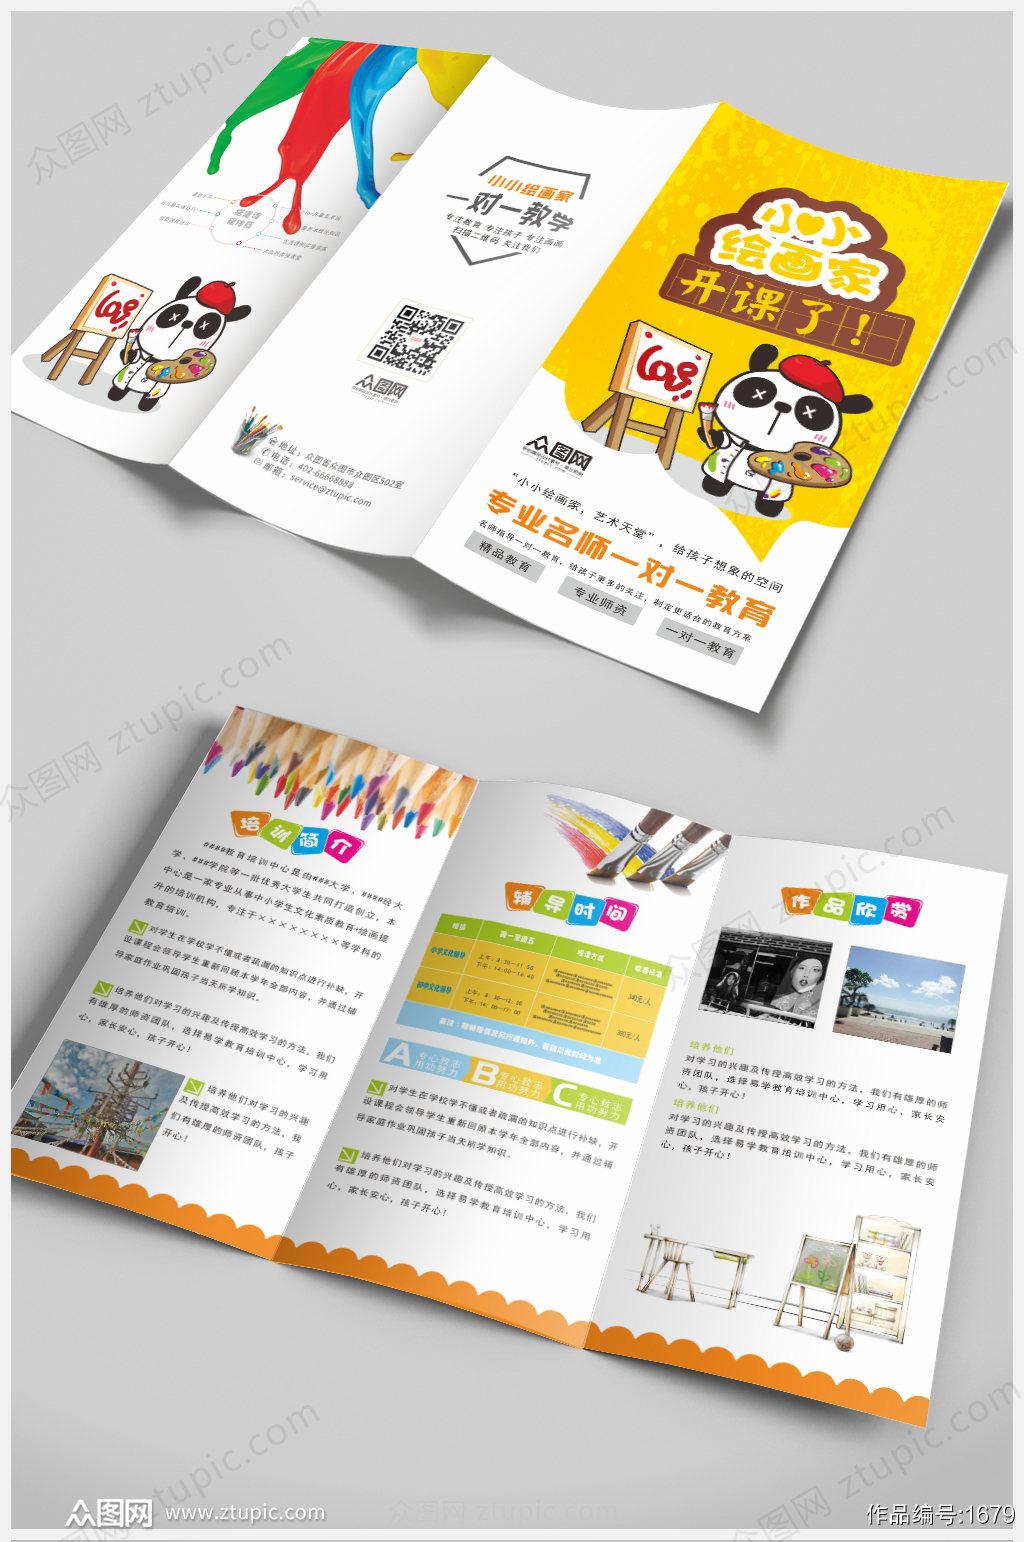 美术培训班艺术画廊宣传单三折页设计模板素材